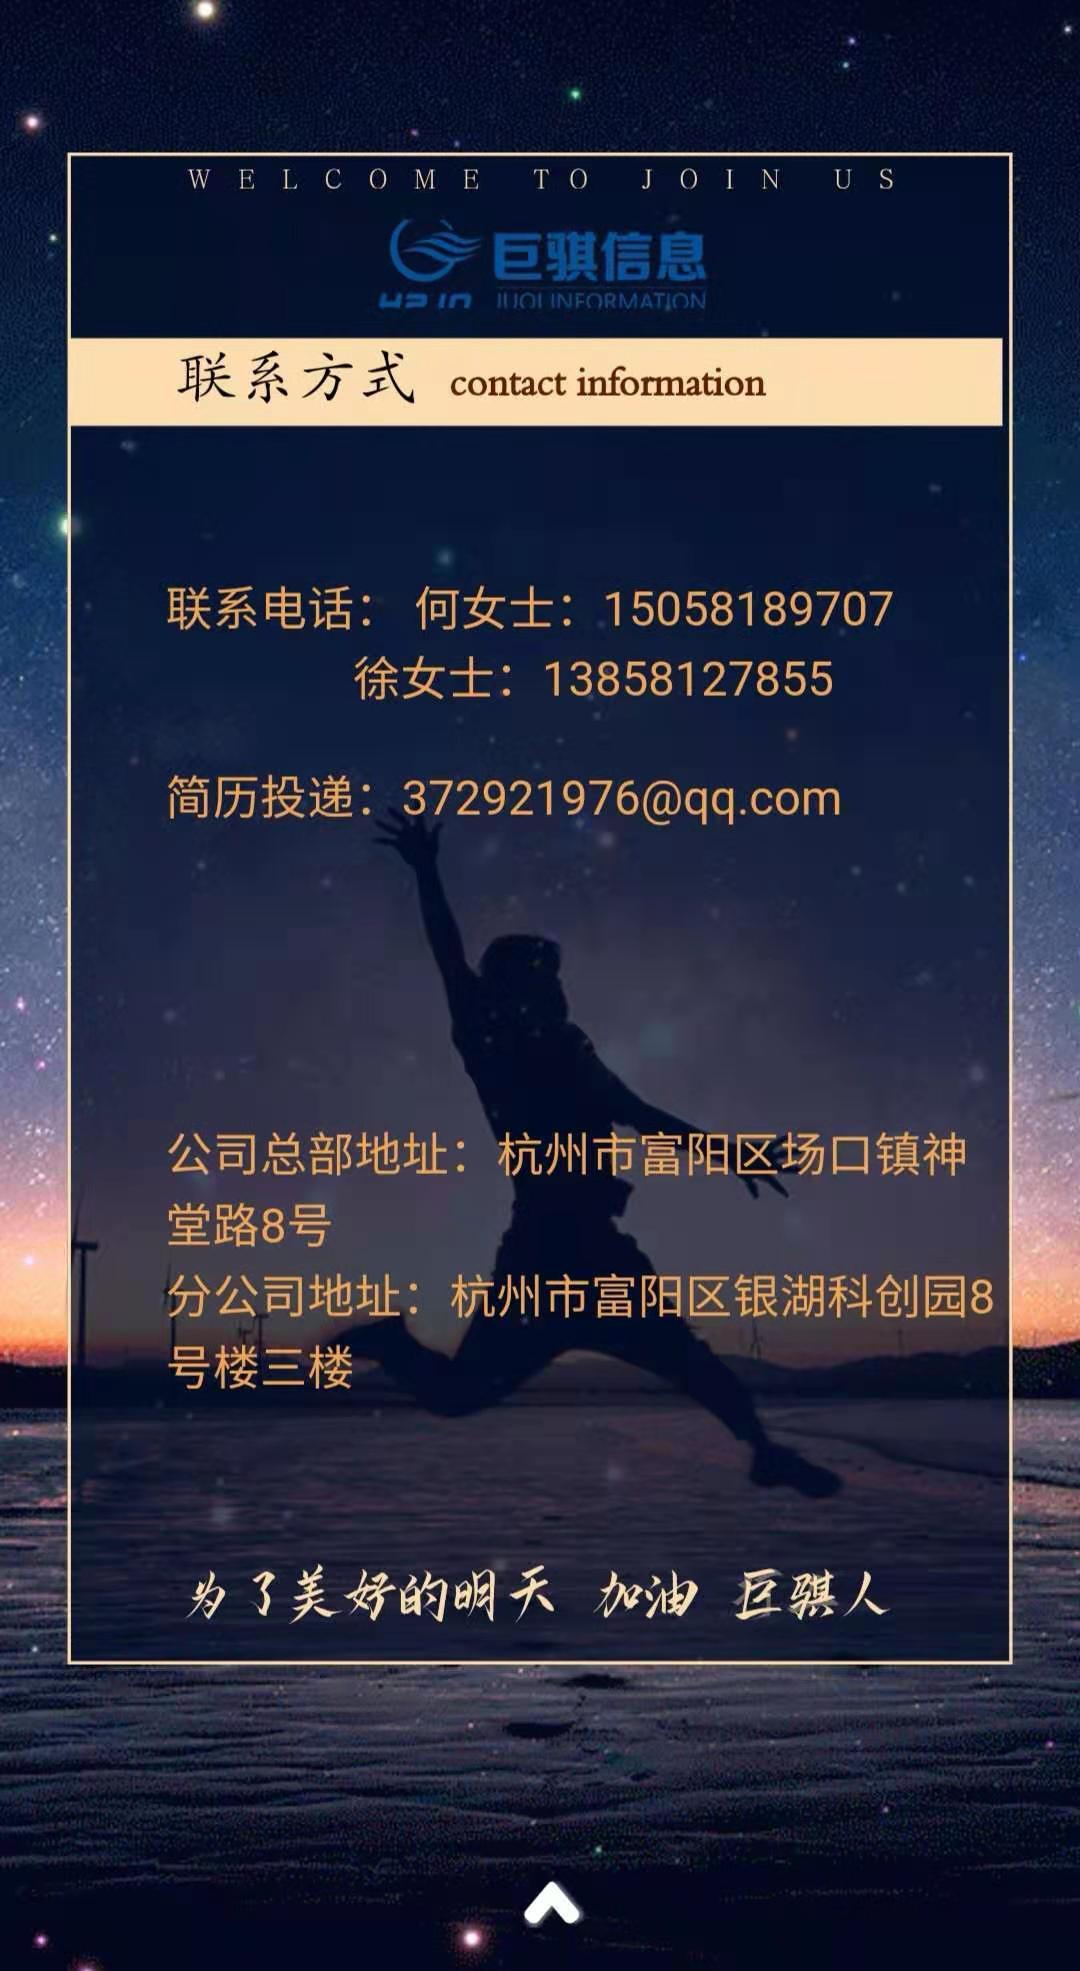 16c355f45c911fe8e52d7885b64c1d1.jpg